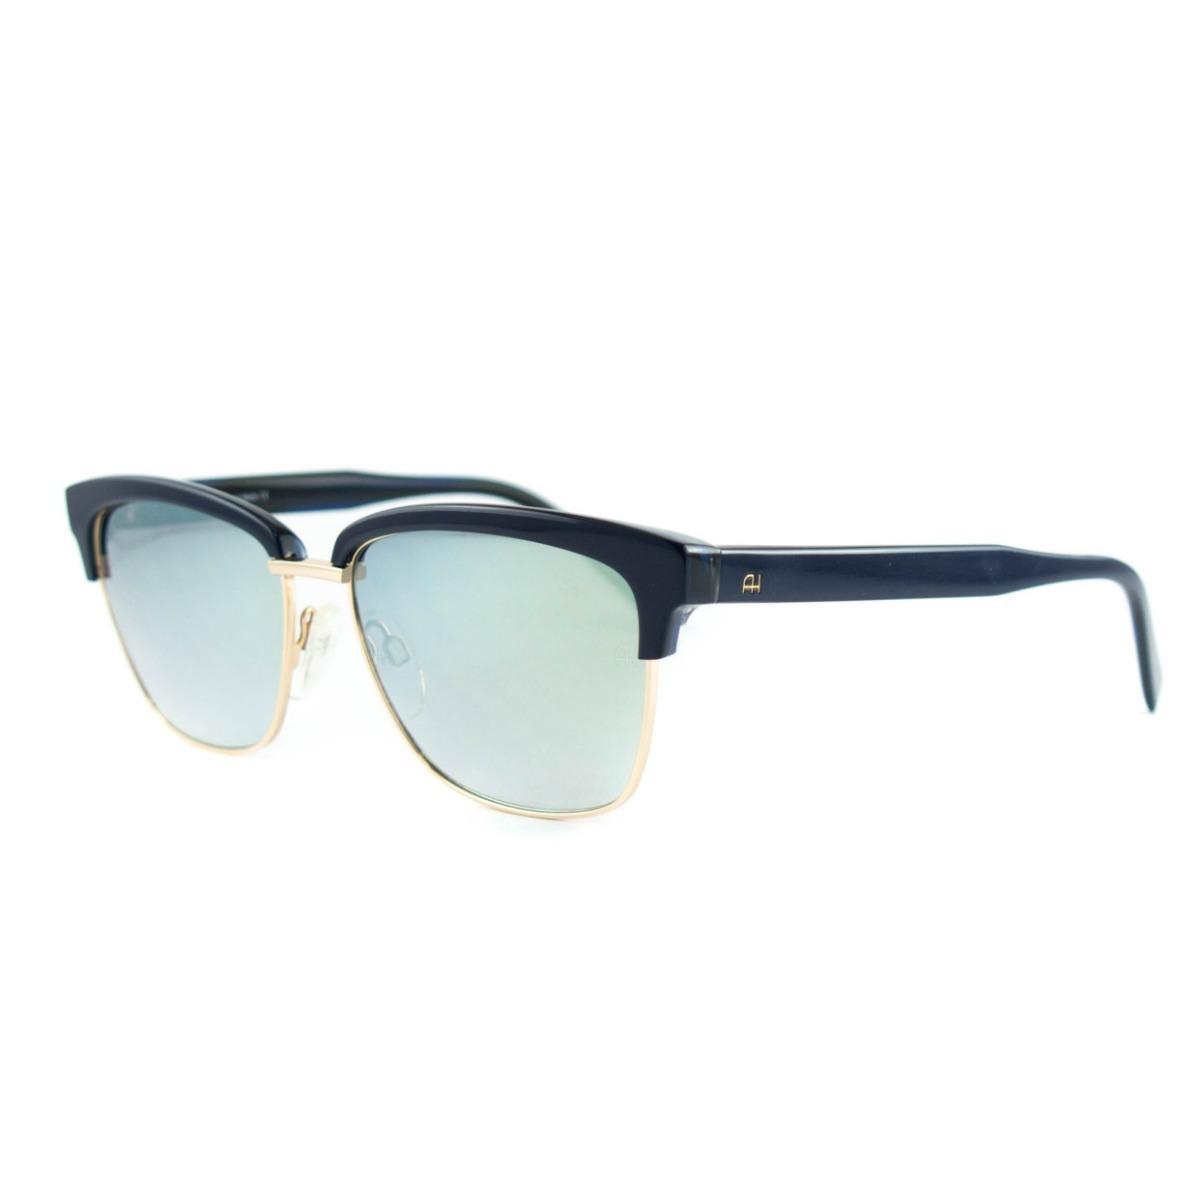 d53d92dd98553 óculos de sol ana hickmann - ah3139 d02 - azul. Carregando zoom.